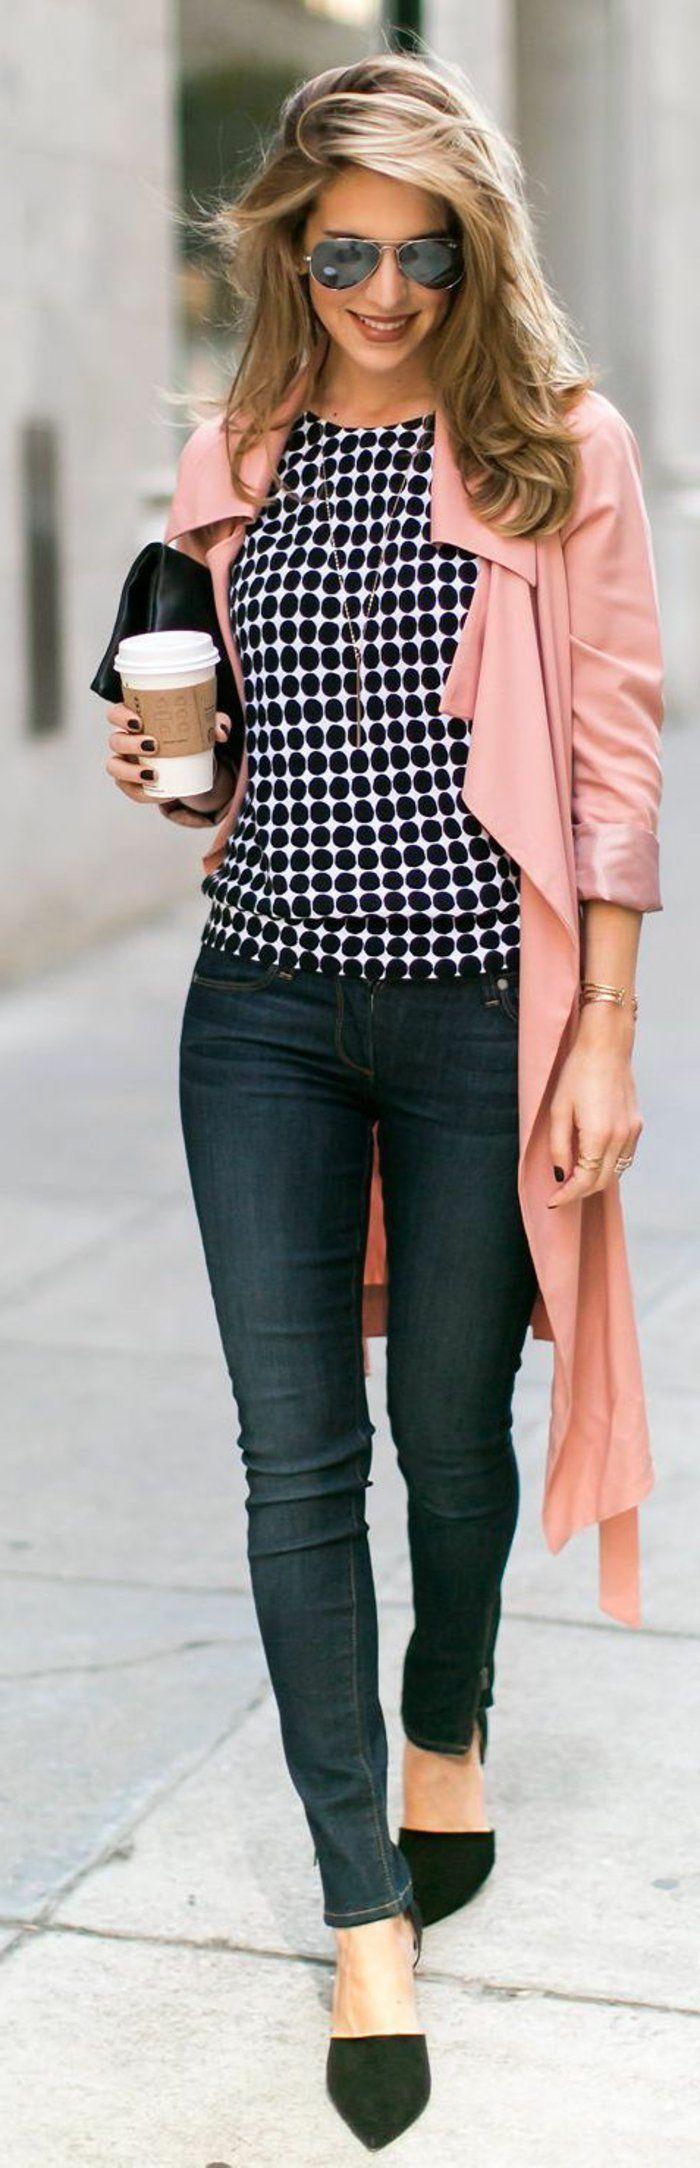 manteau long femme rose avec denim et chaussures noirs